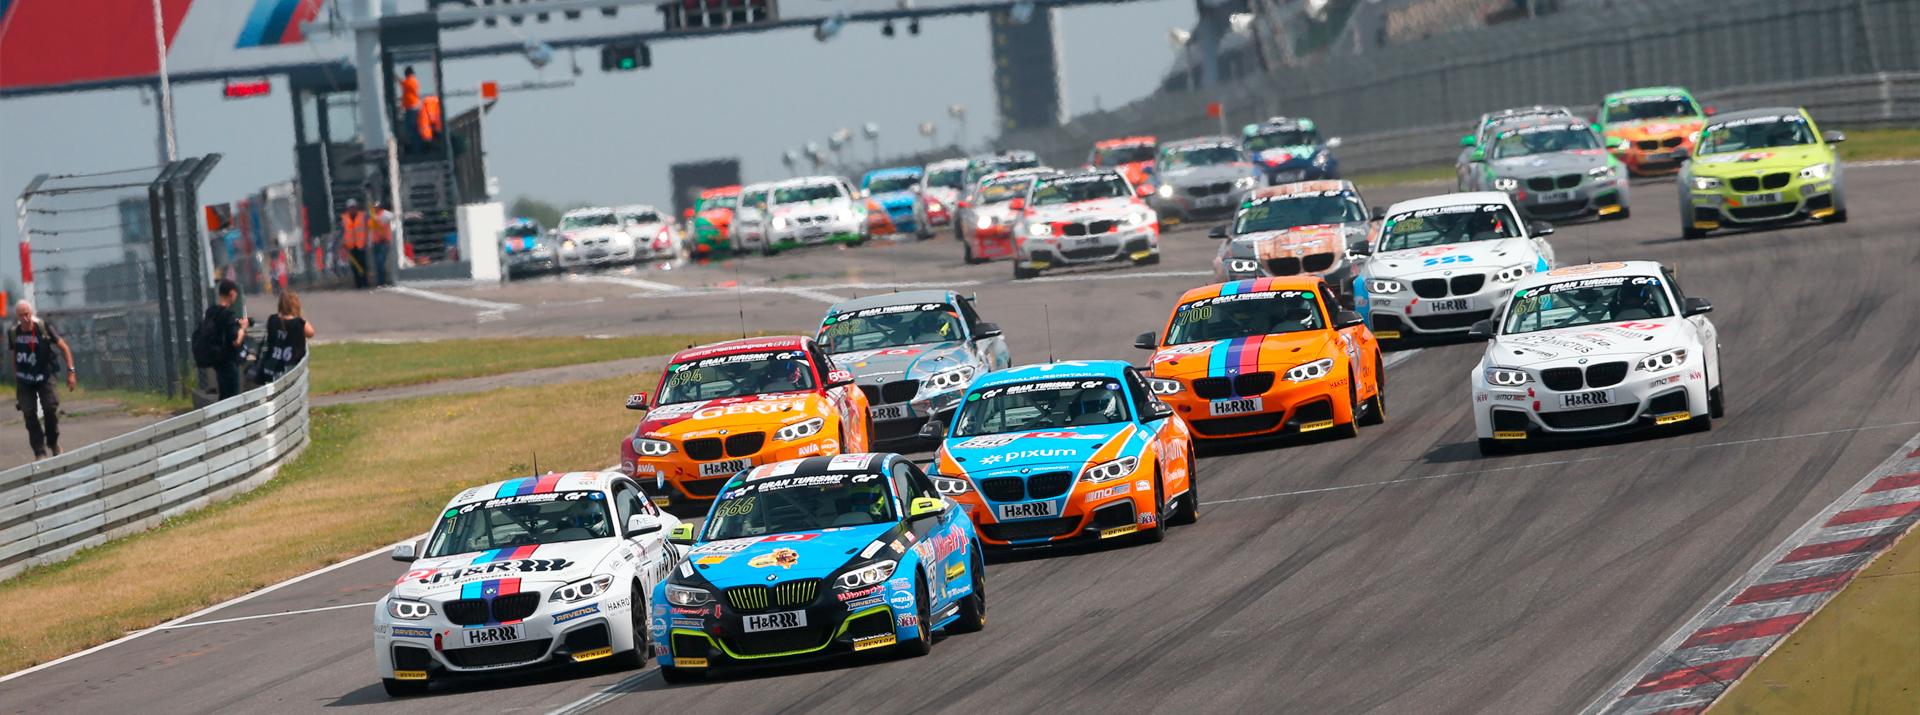 Motorsport-Rennen auf der Langstrecke Nürburgring